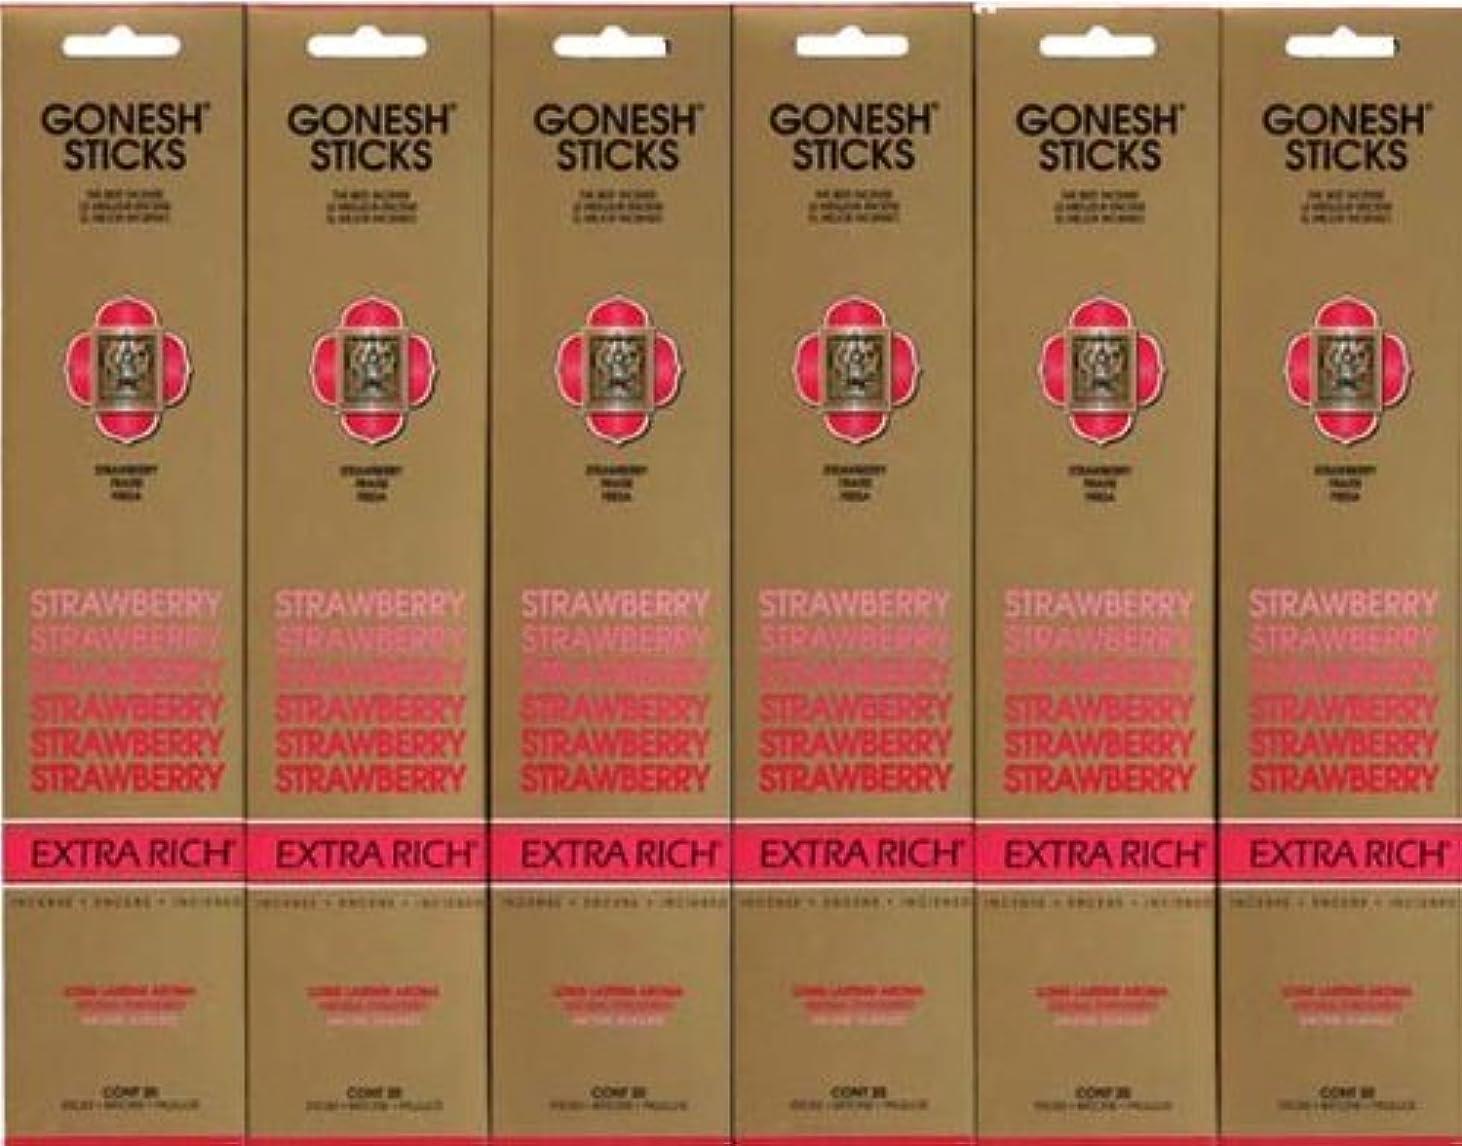 ブローどっち集中GONESH STRAWBERRY ストロベリー スティック 20本入り X 6パック (120本)